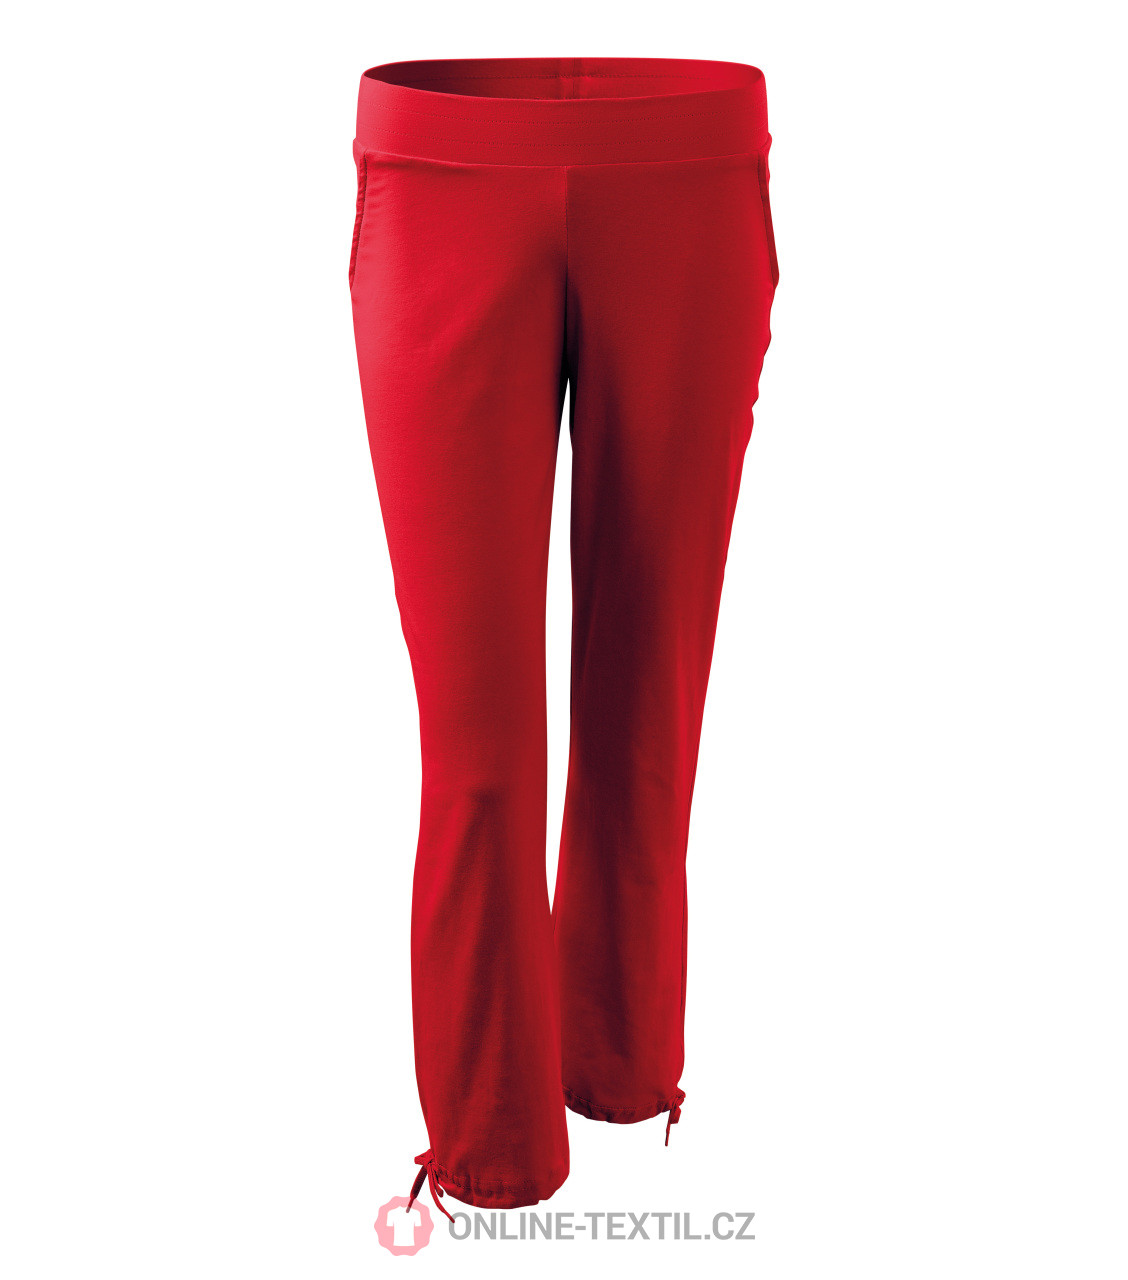 abe497e4c0a8 ADLER CZECH Tepláky dámske Pants Leisure 200 6X3 - červená z ...